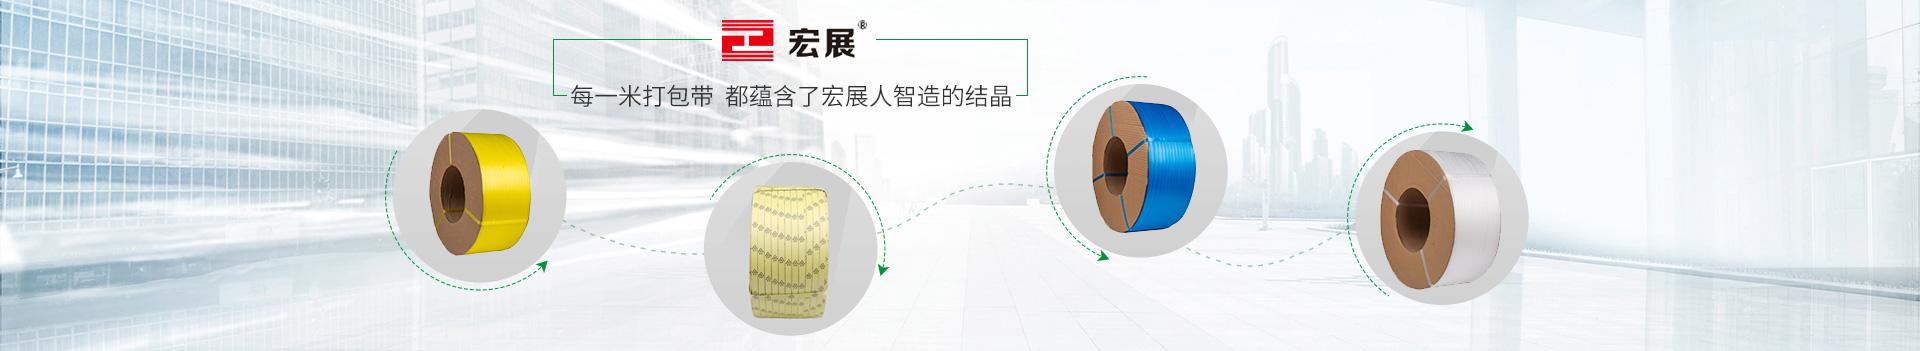 摩鑫平台-打包带